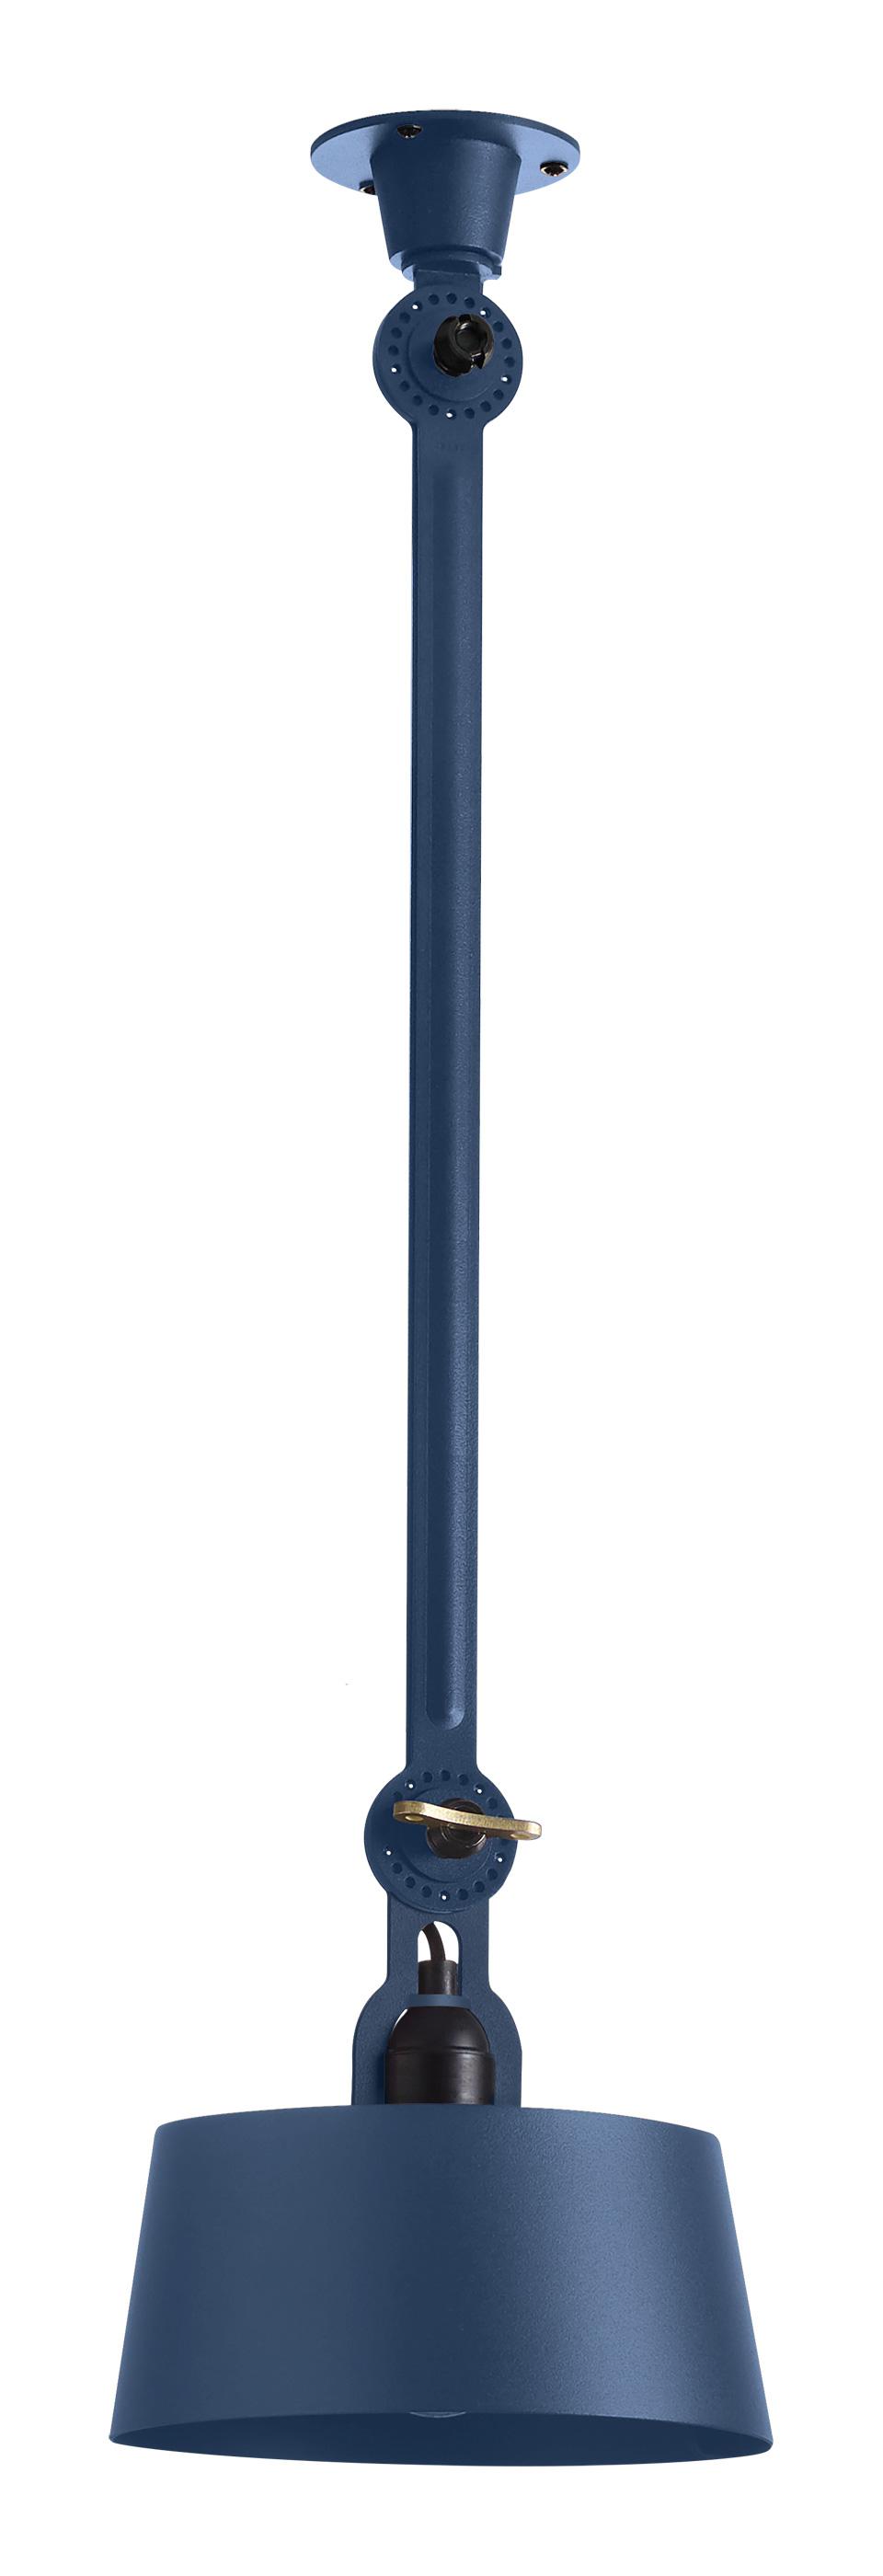 Plafonnier bleu à bras orientable Bolt style industriel en acier massif. Tonone.